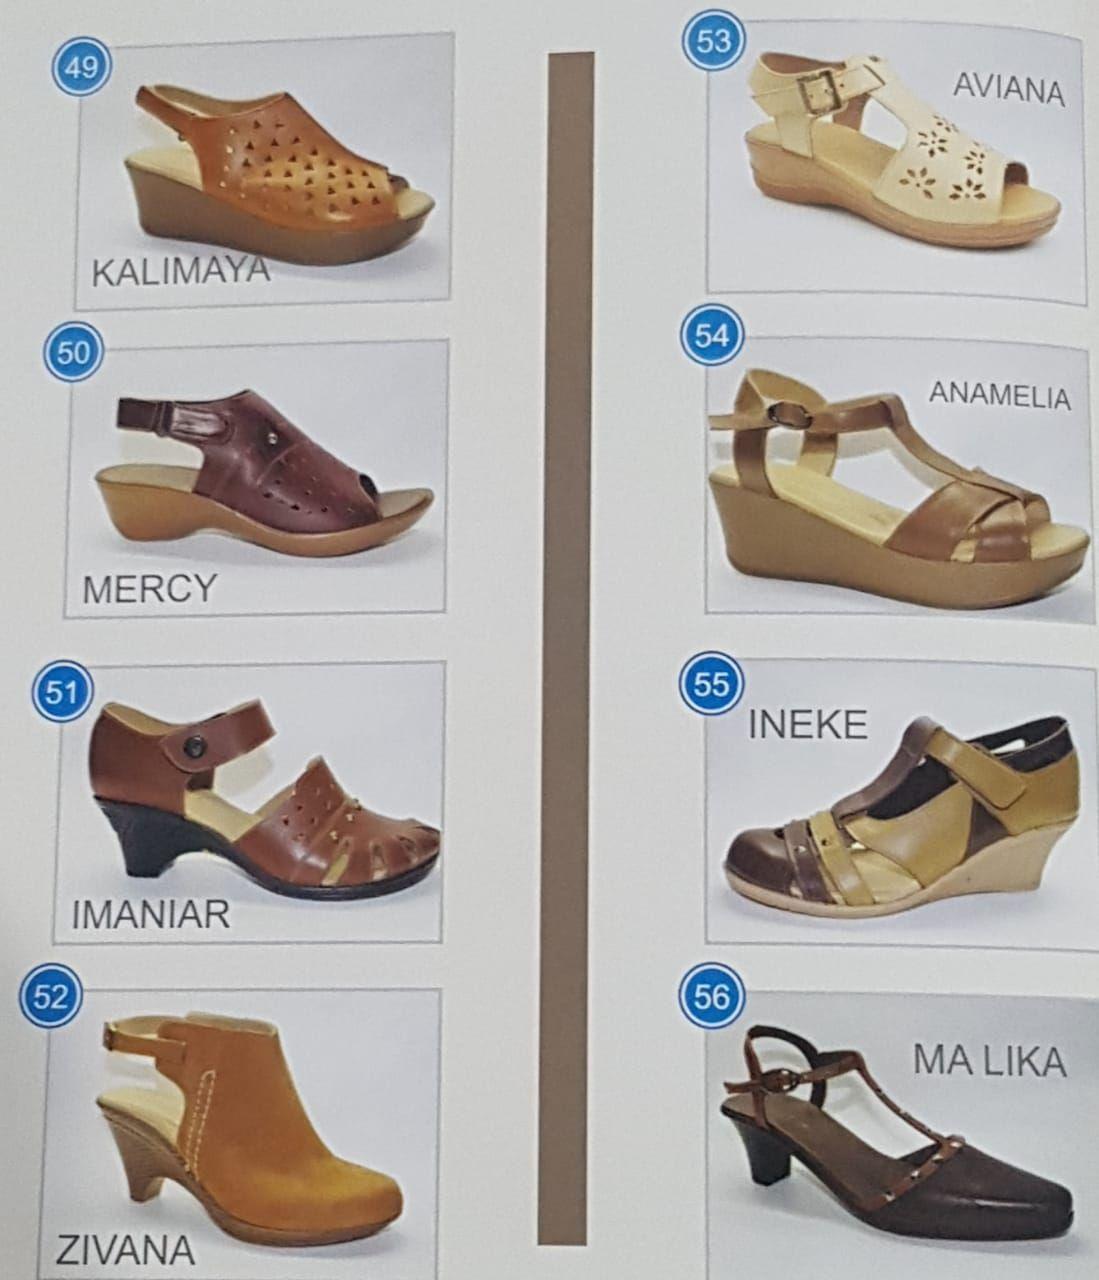 Produk Berkelas 10 Brand Sepatu Lokal Ini Dikira Dari Luar Neger